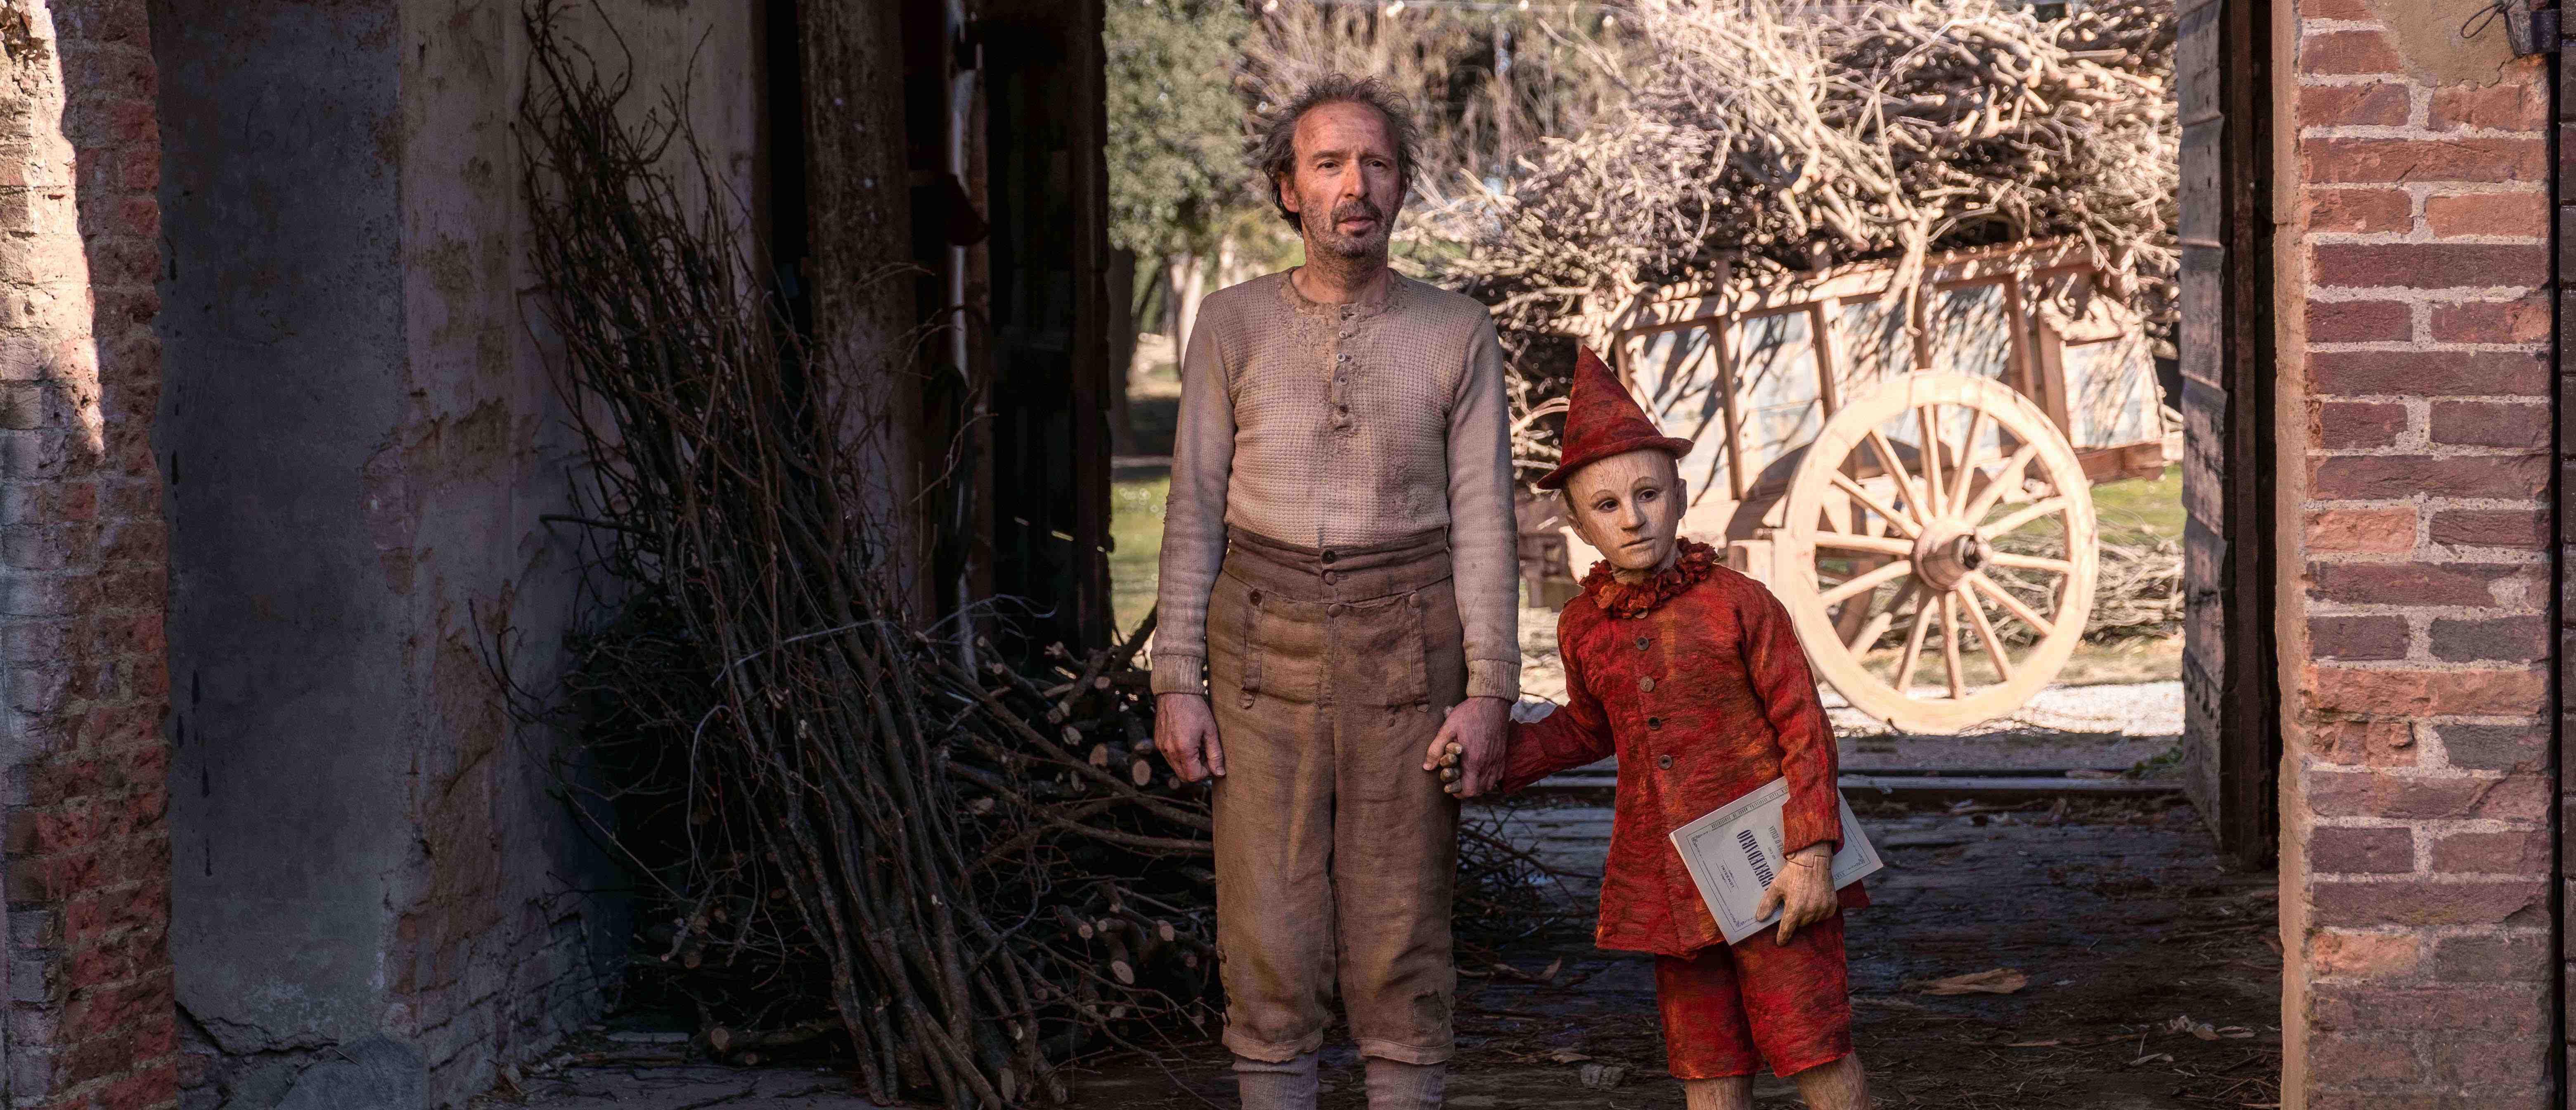 Pinocchio nei costumi di Massimo Cantini Parrini dal film di Matteo Garrone – Museo del Tessuto, Prato (Prato)